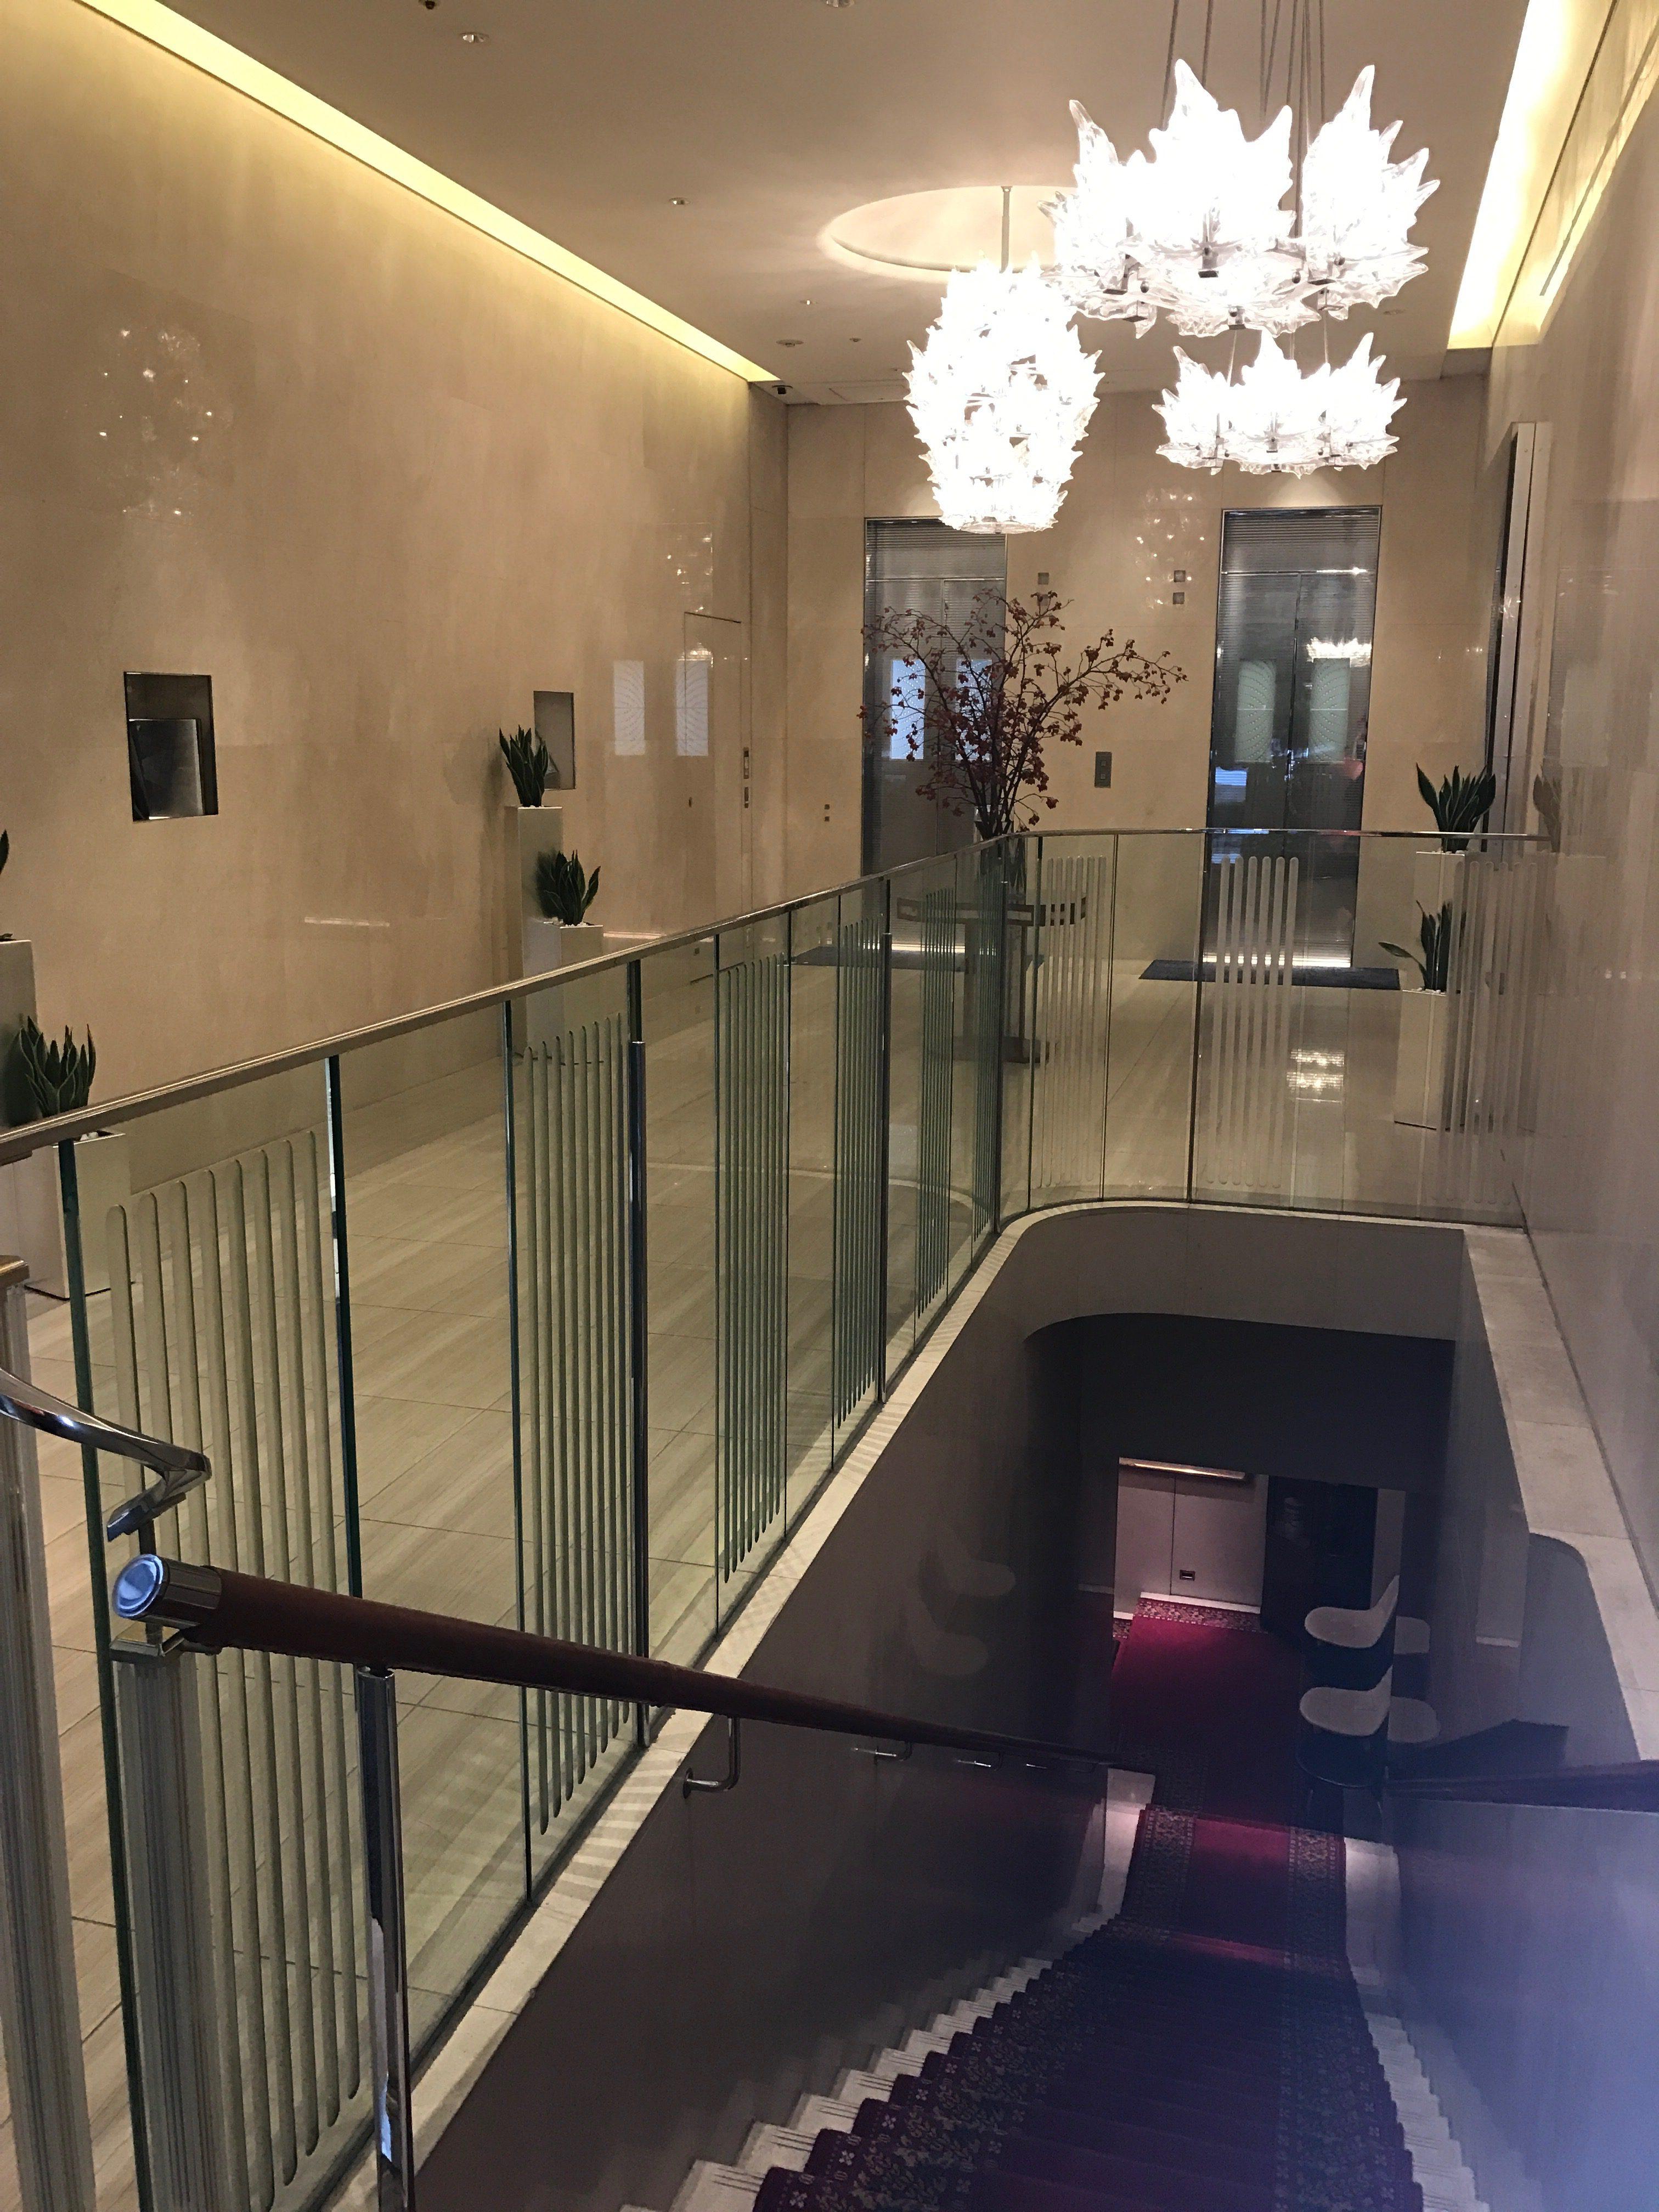 玄関ロビーの右側にある階段を下りていくと、ロイヤルクリスタルカフェがあります。